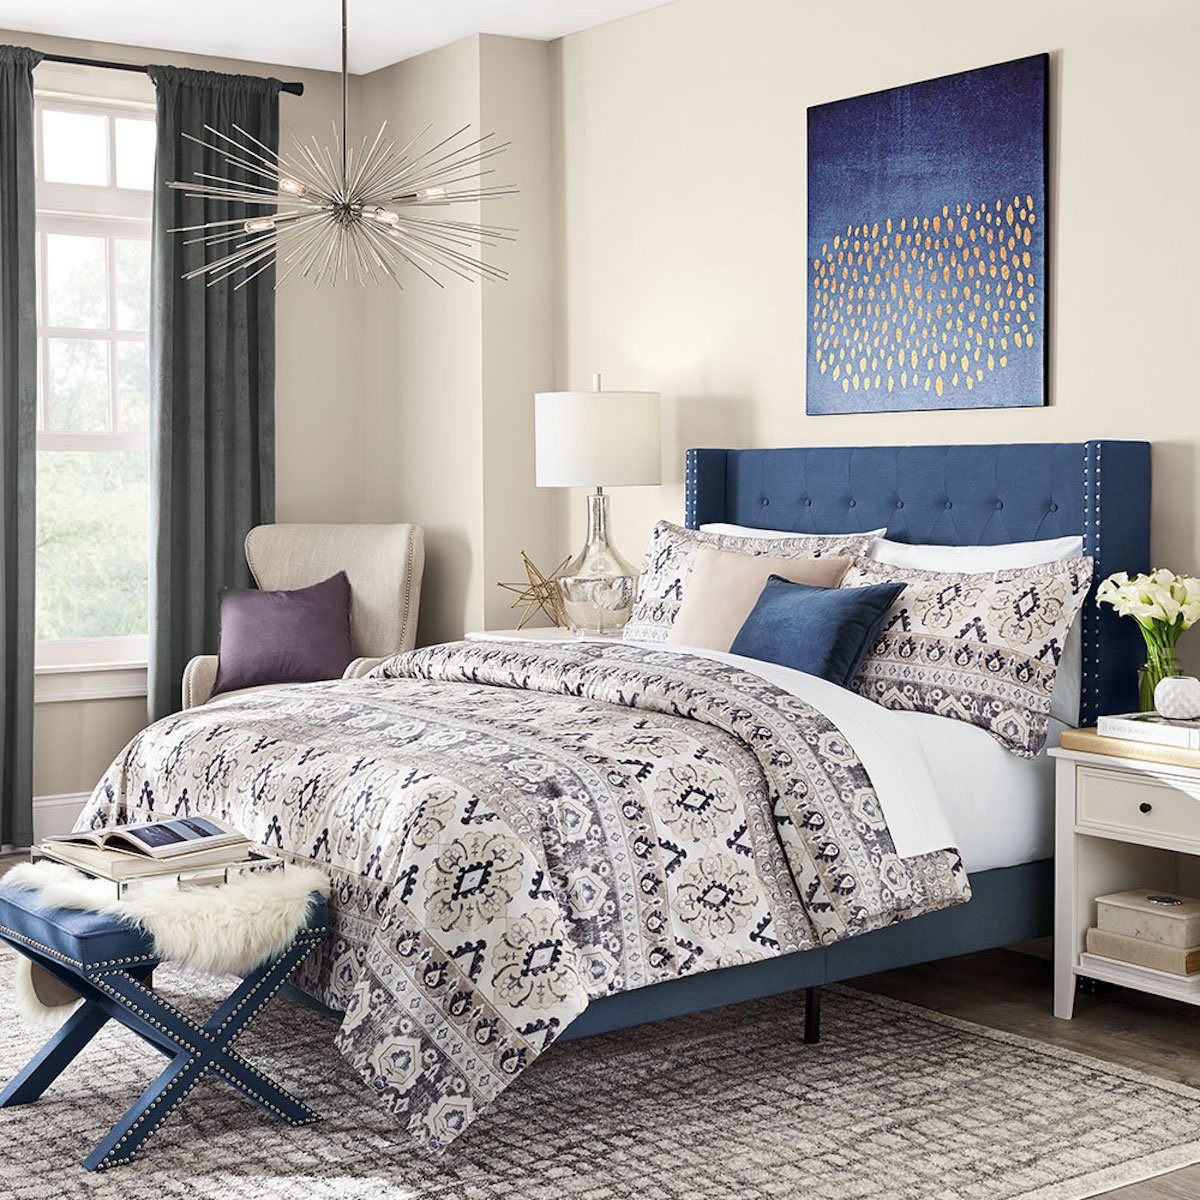 camera-letto-alla-francese-10